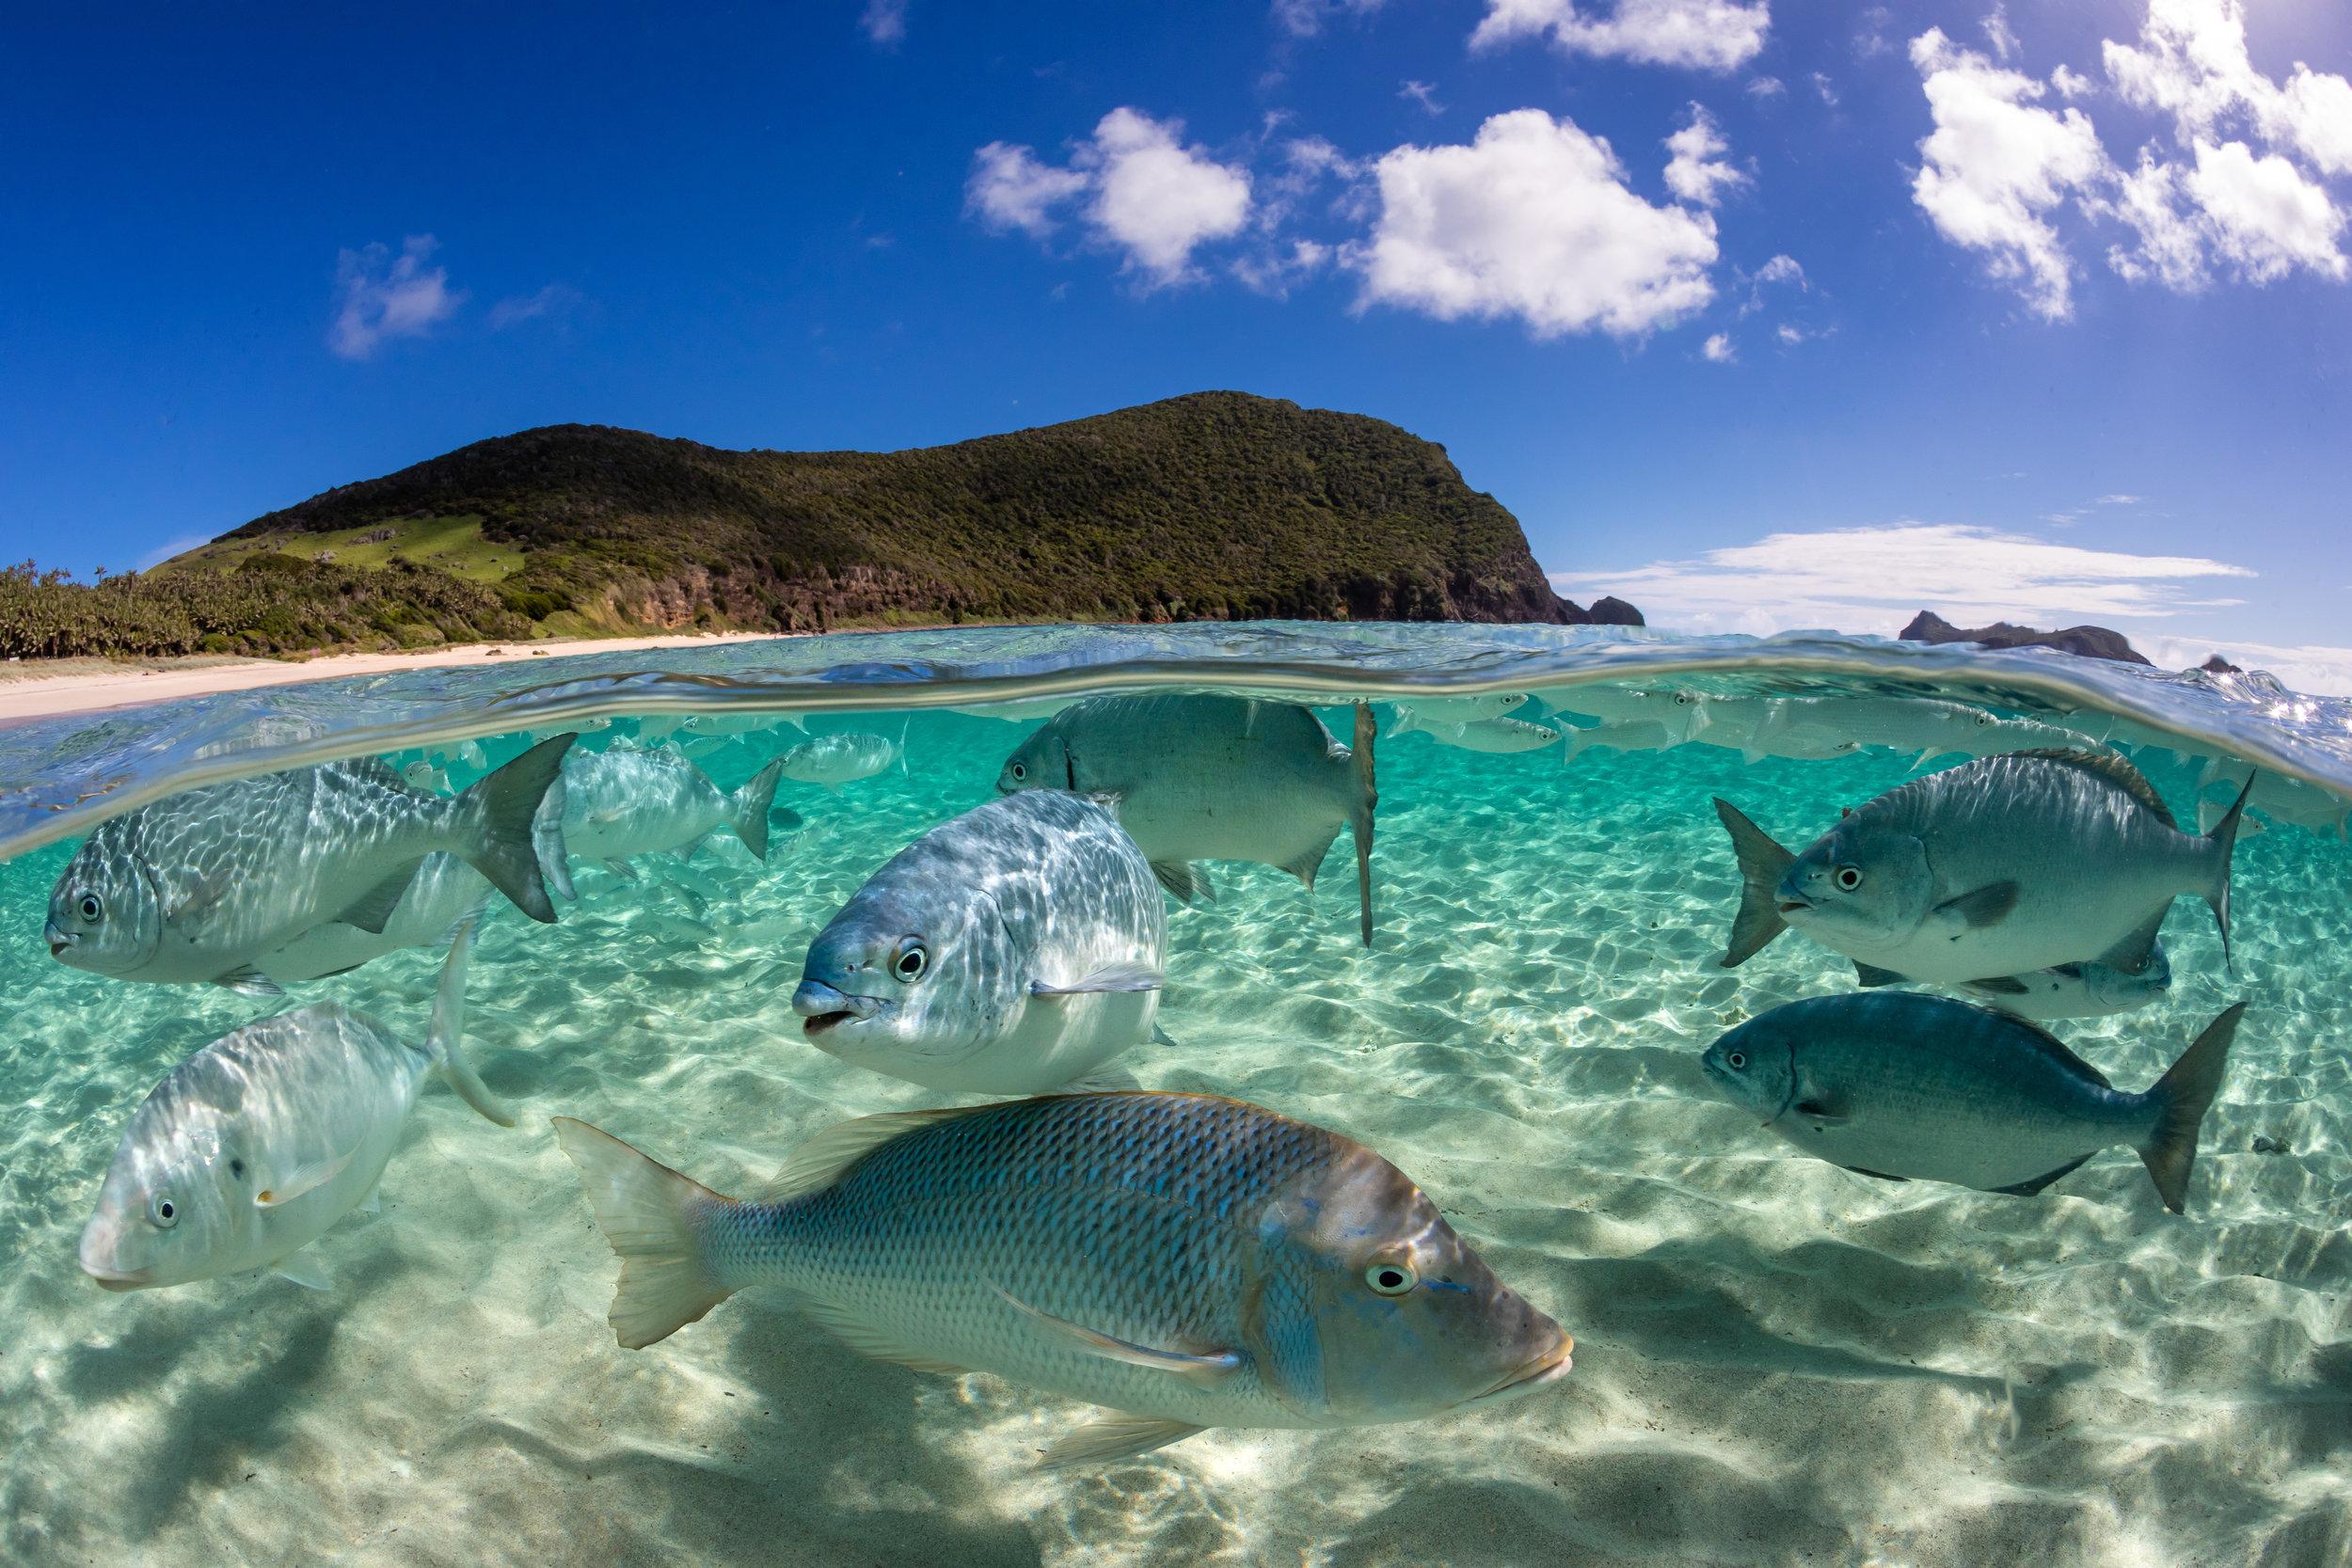 SCHOOL HALF HALF CREDIT: JORDAN ROBINS / coral reef image bank